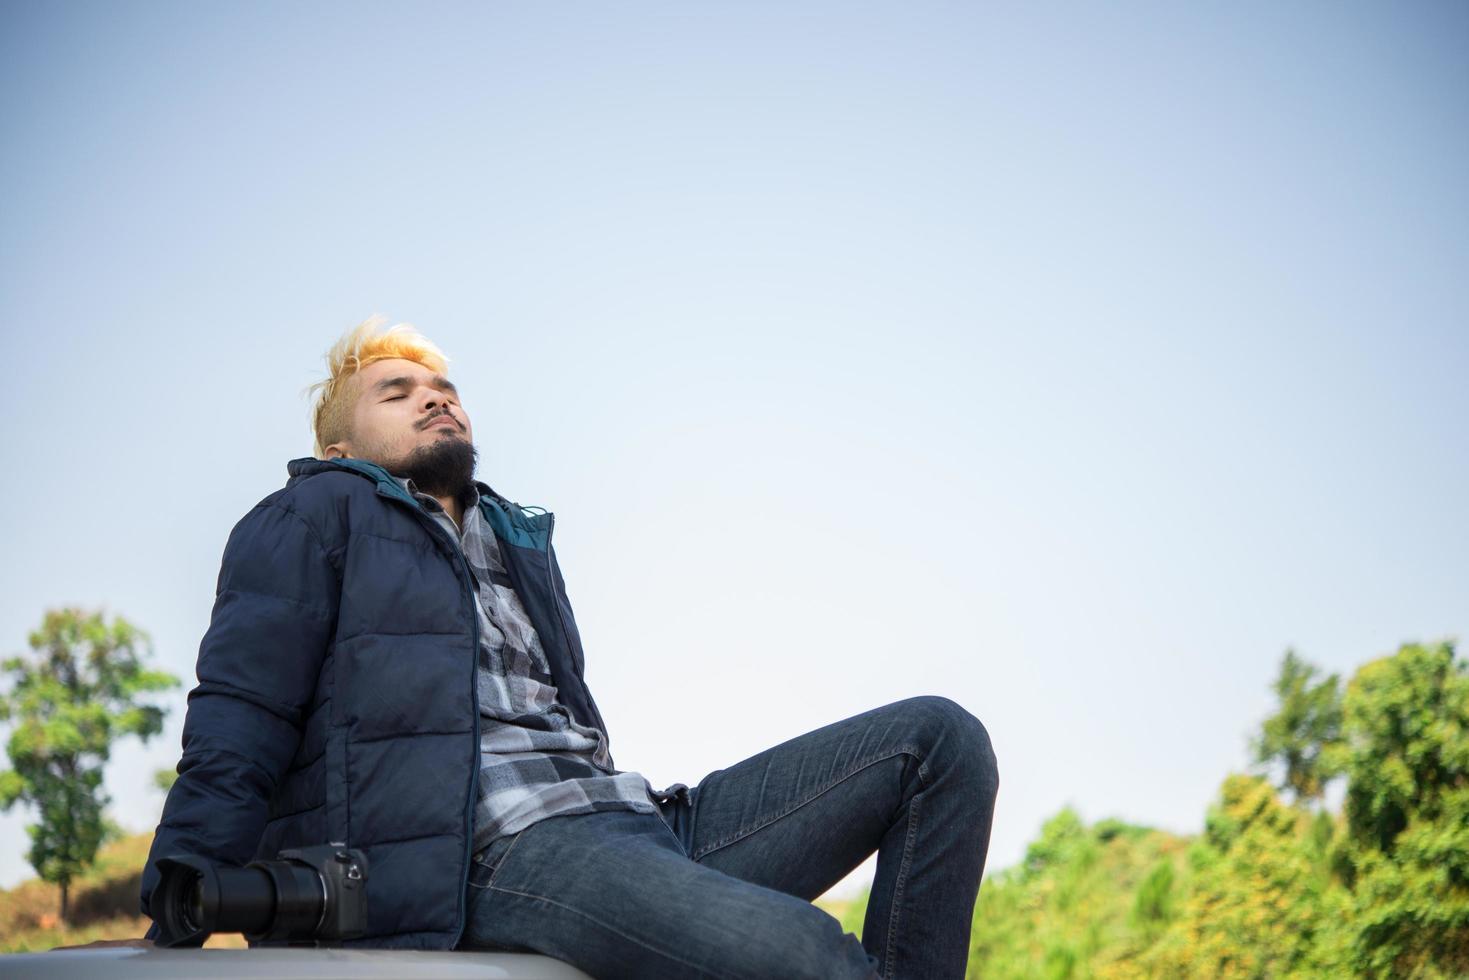 joven excursionista disfrutando de la naturaleza sentado en su camión foto